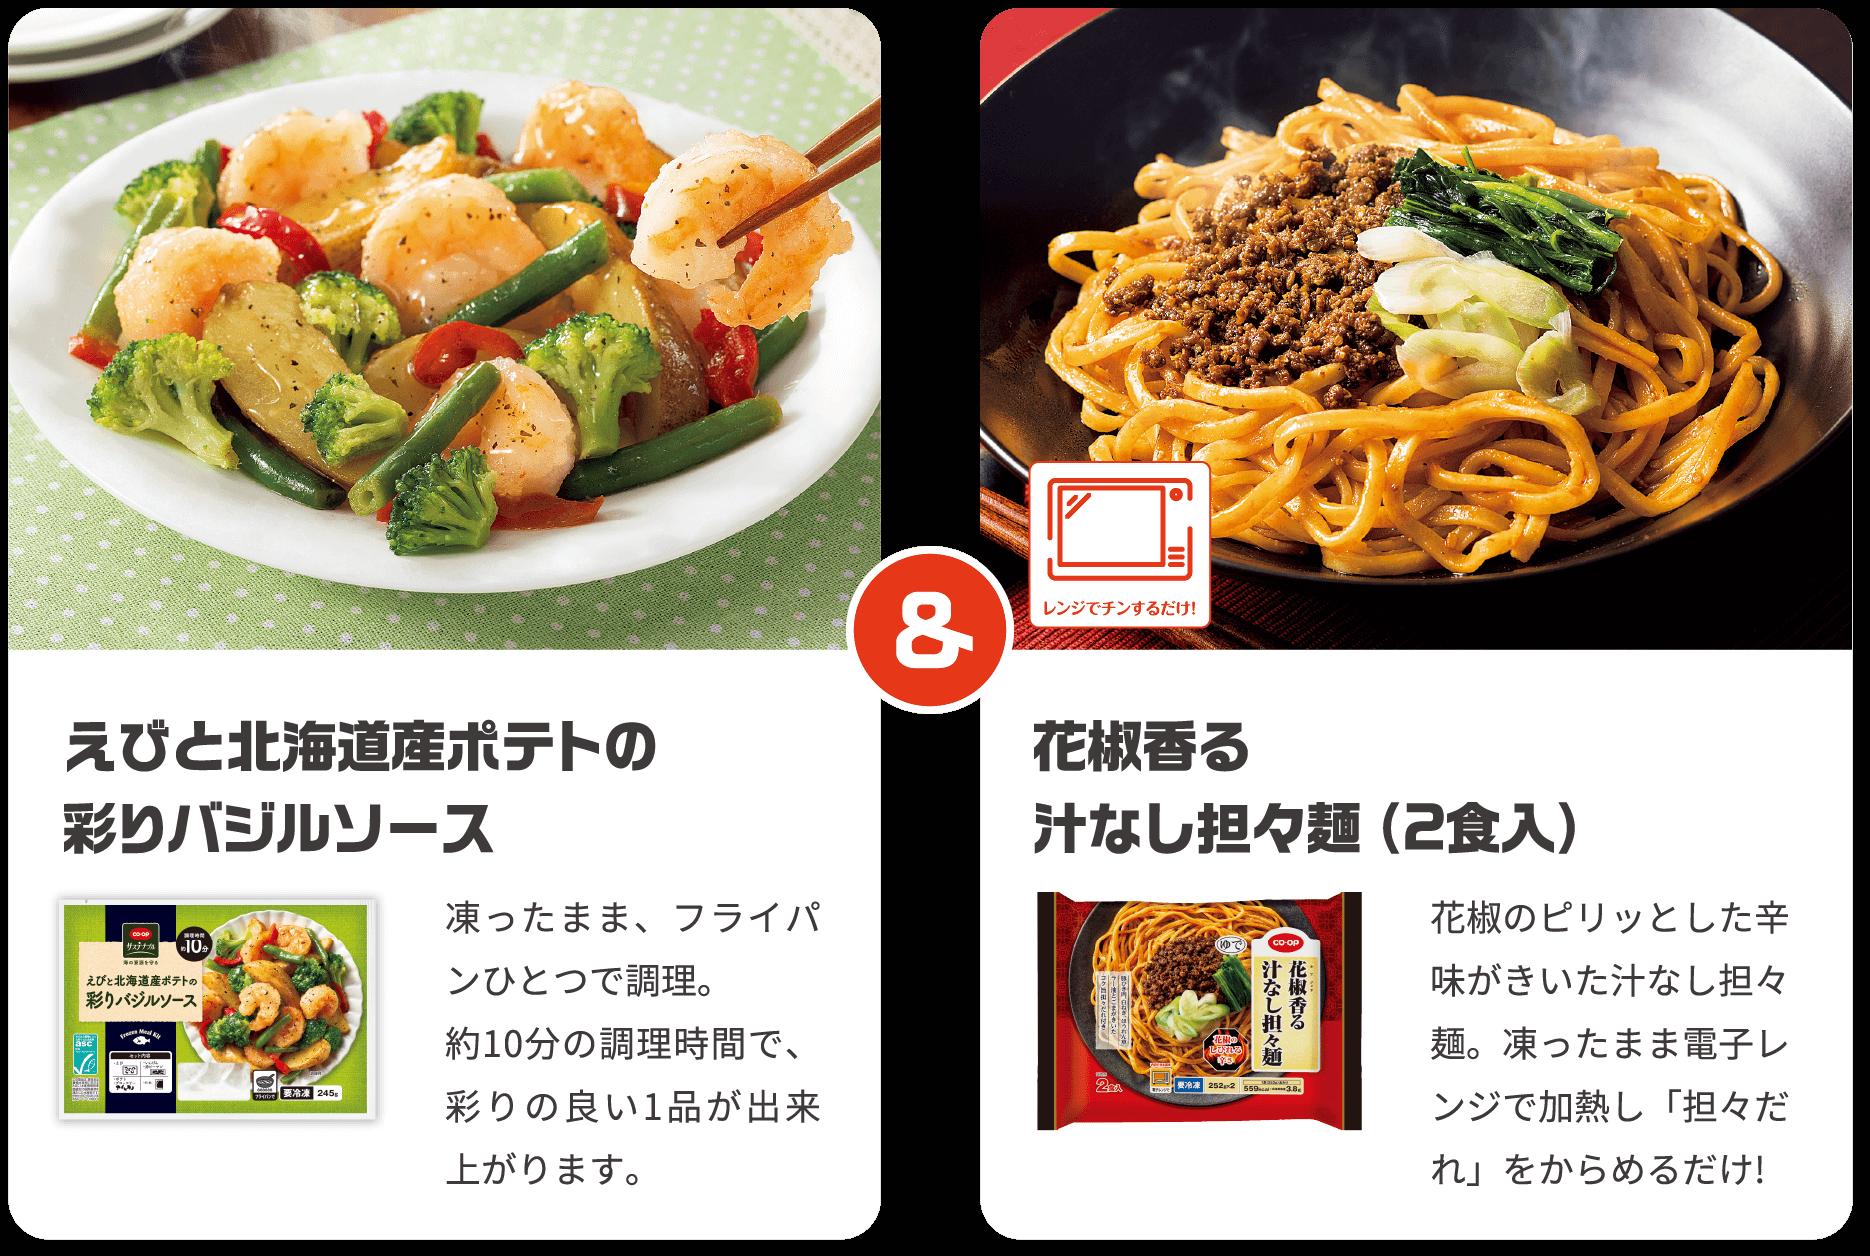 [えびと北海道産ポテトの彩りバジルソース]&[花椒香る 汁なし担々麺(2食入)]